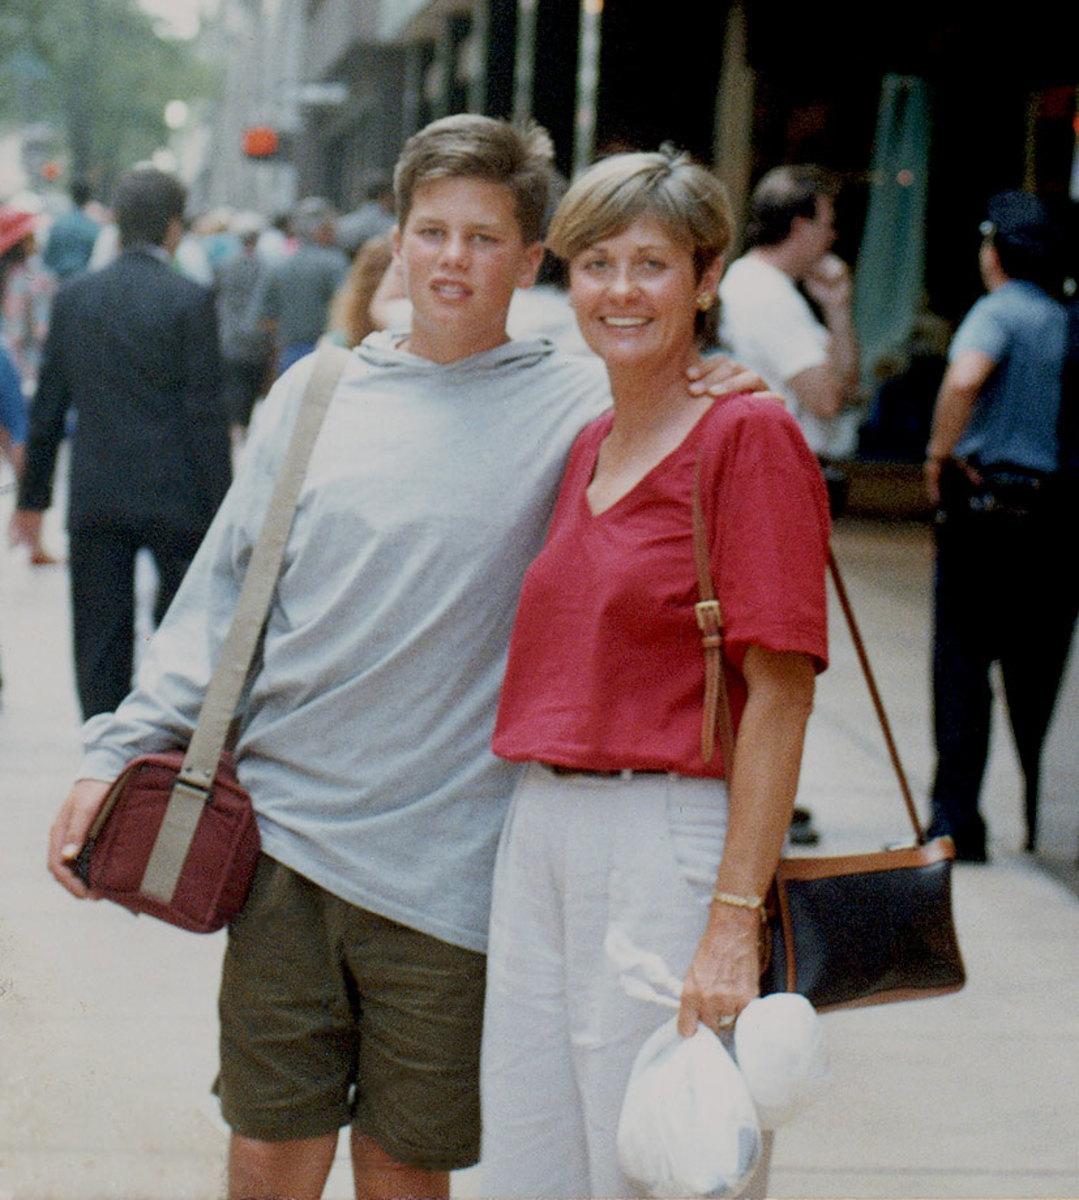 1986-Tom-Brady-mom-Galynn-001250602.jpg